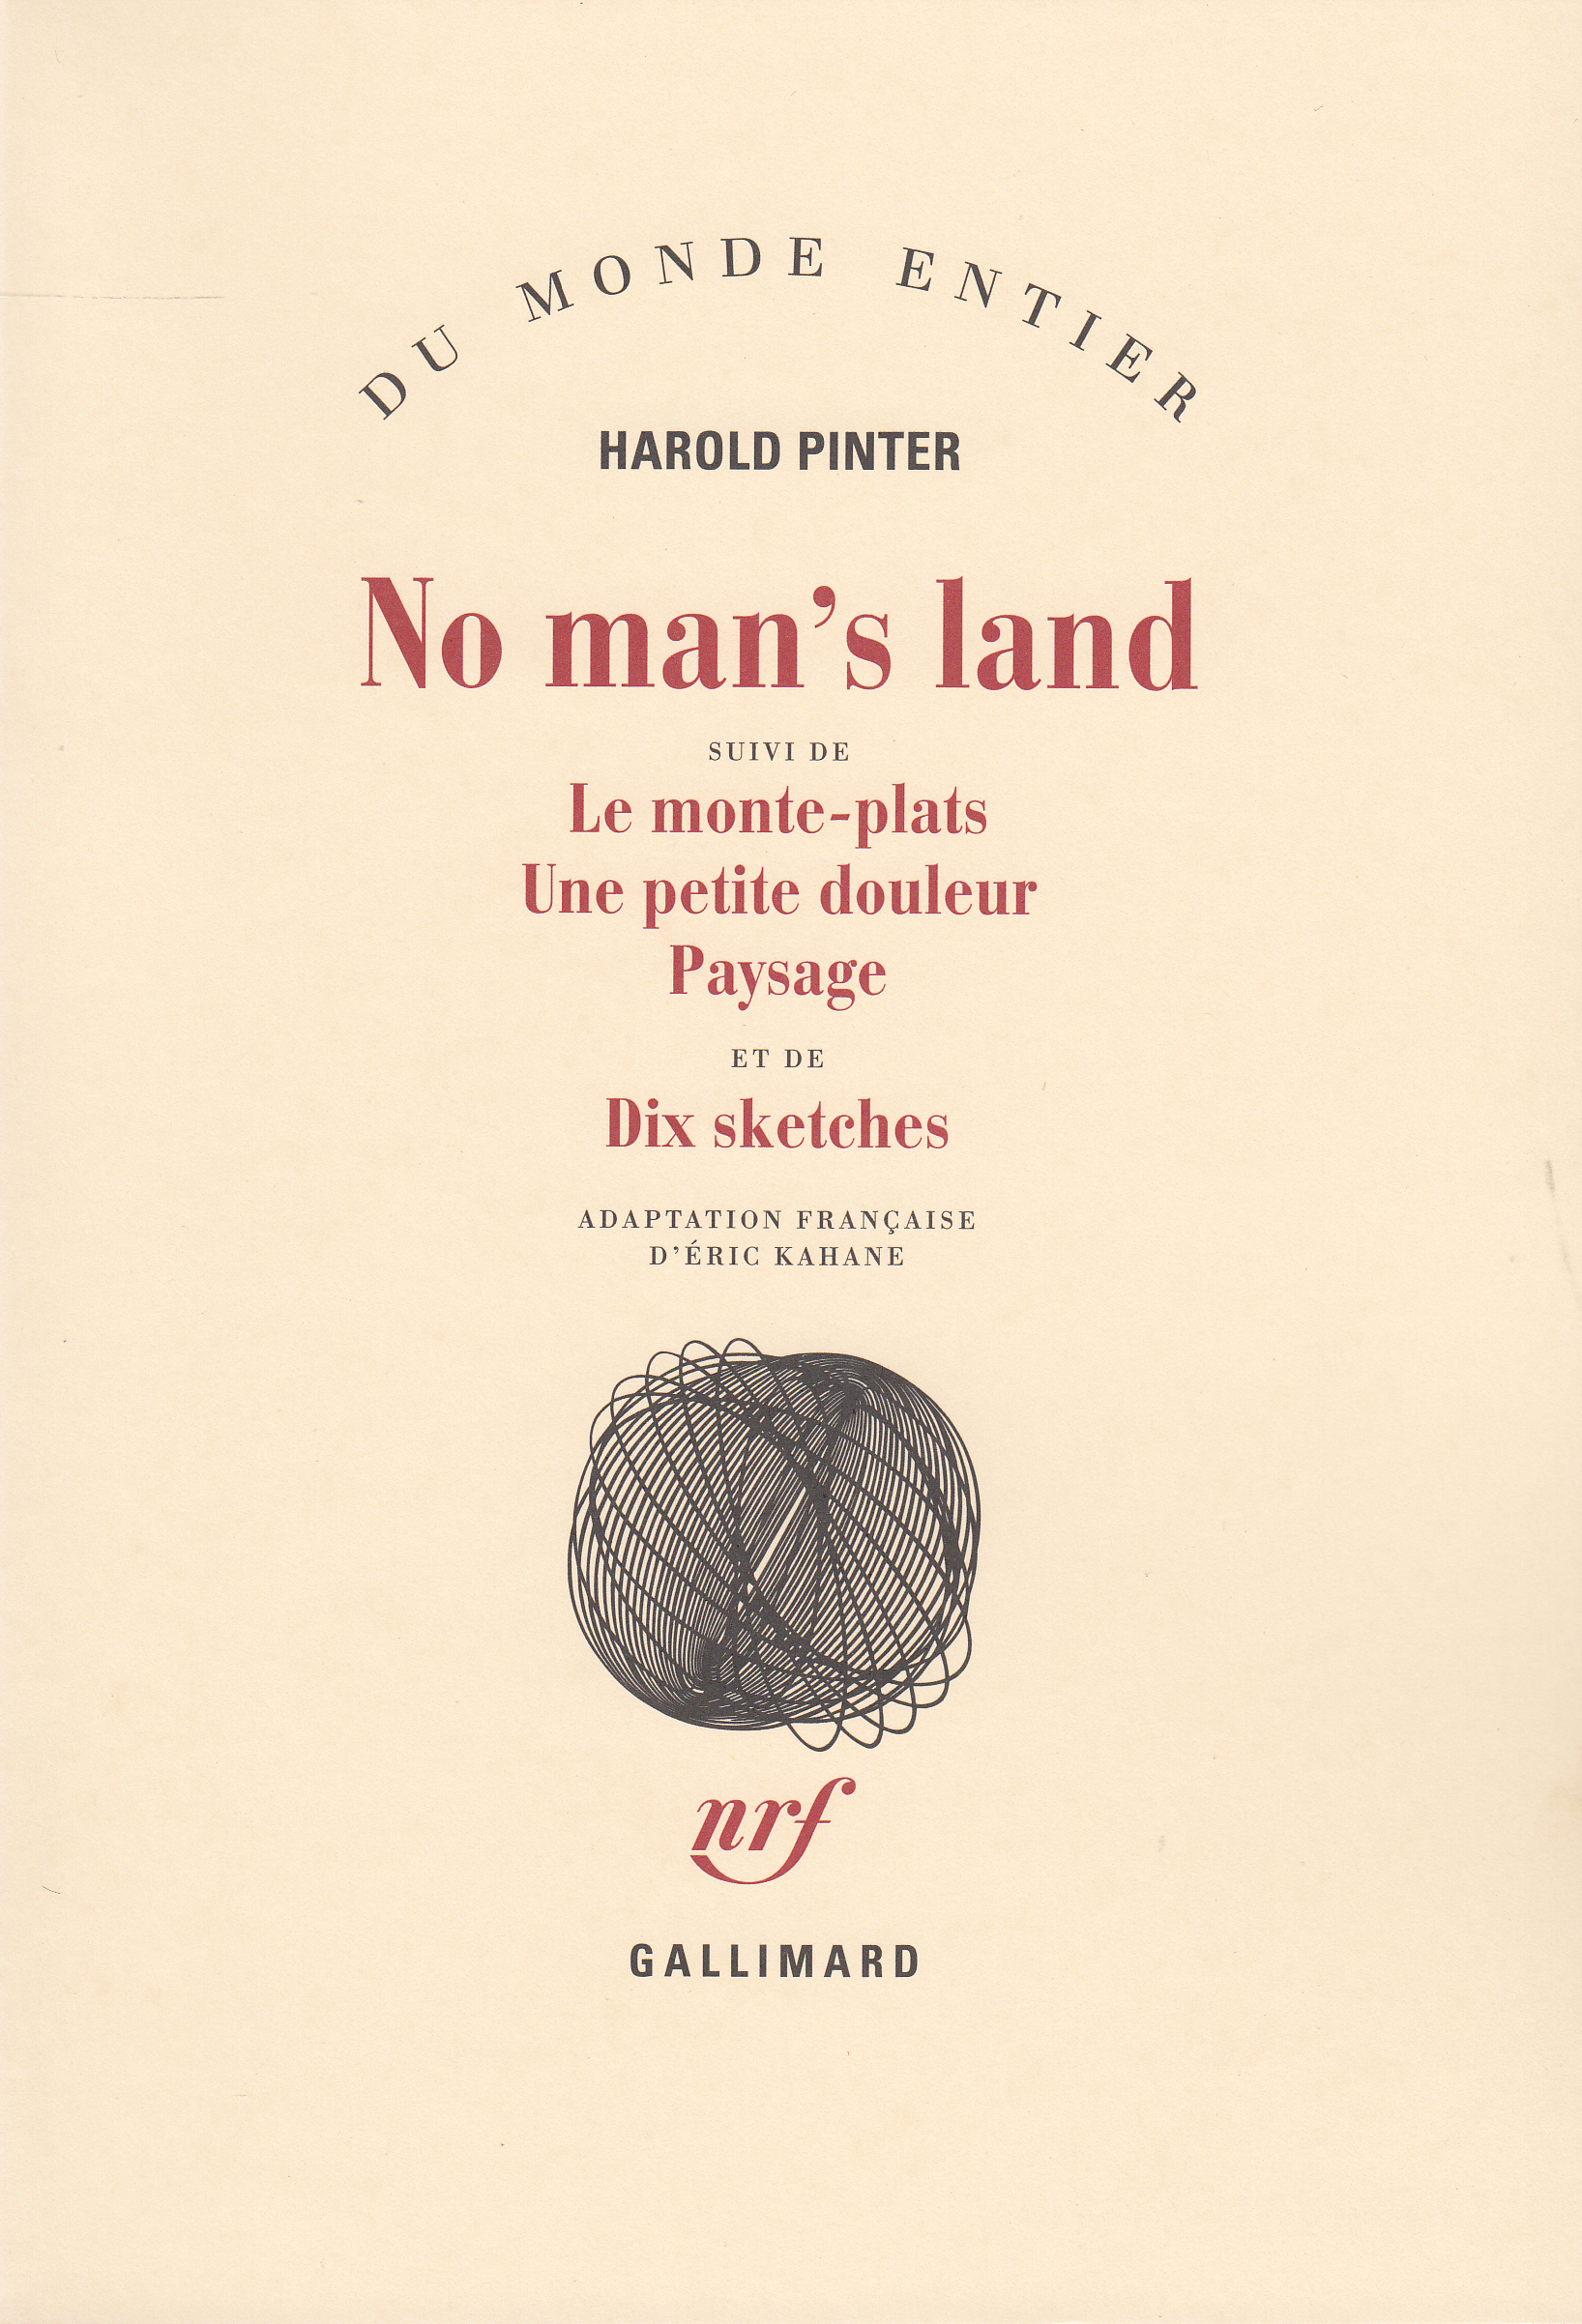 NO MAN'S LAND / LE MONTE-PLATS /UNE PETITE DOULEUR /PAYSAGE /DIX SKETCHES